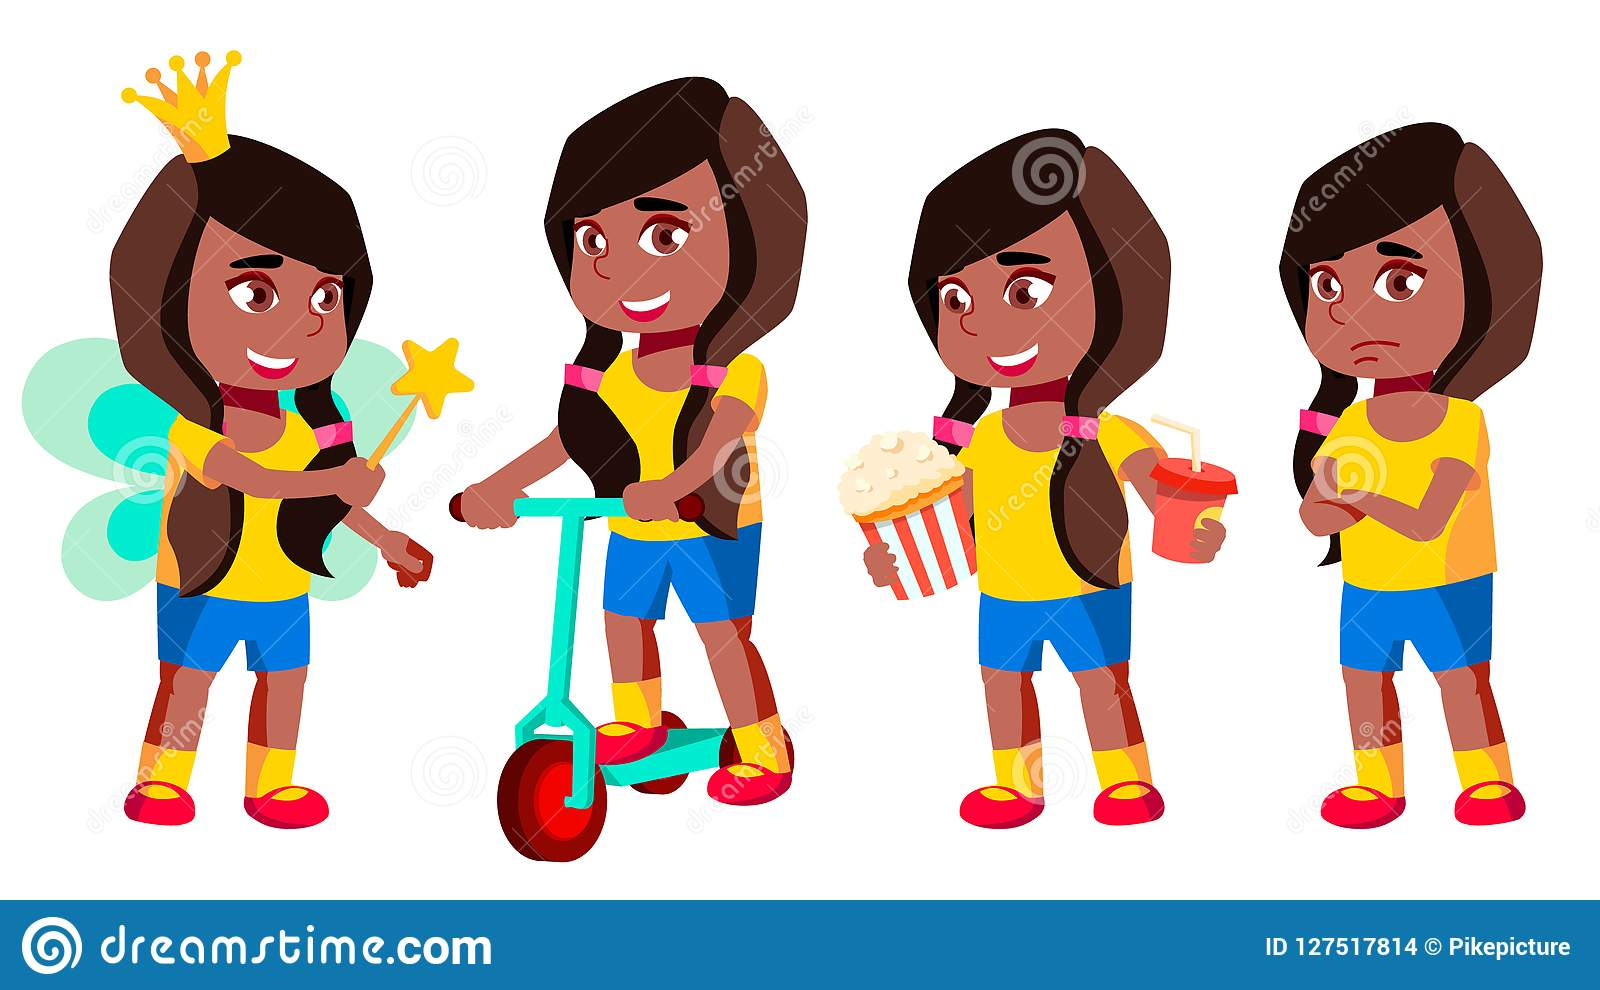 女孩幼儿园孩子姿势被设置的传染媒介 投反对票 美国黑人 幼稚园 年轻正面人 beauvoir 对横幅